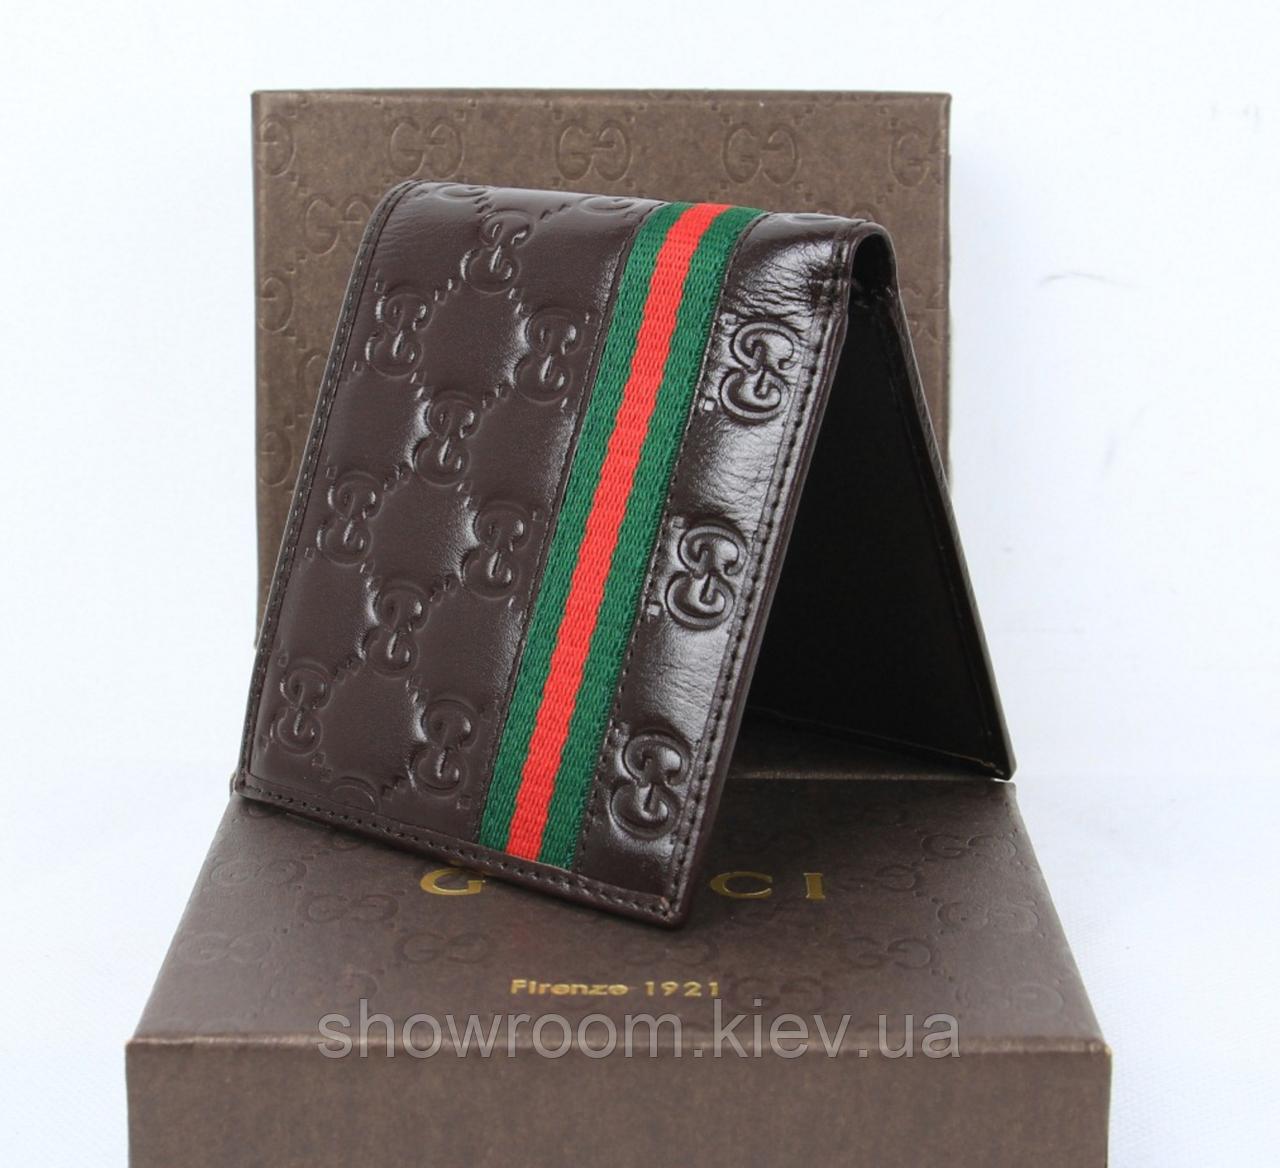 c37e737c79f9 Мужской кошелек Gucci , в Киеве, продажа, предложение, цена,мужское ...